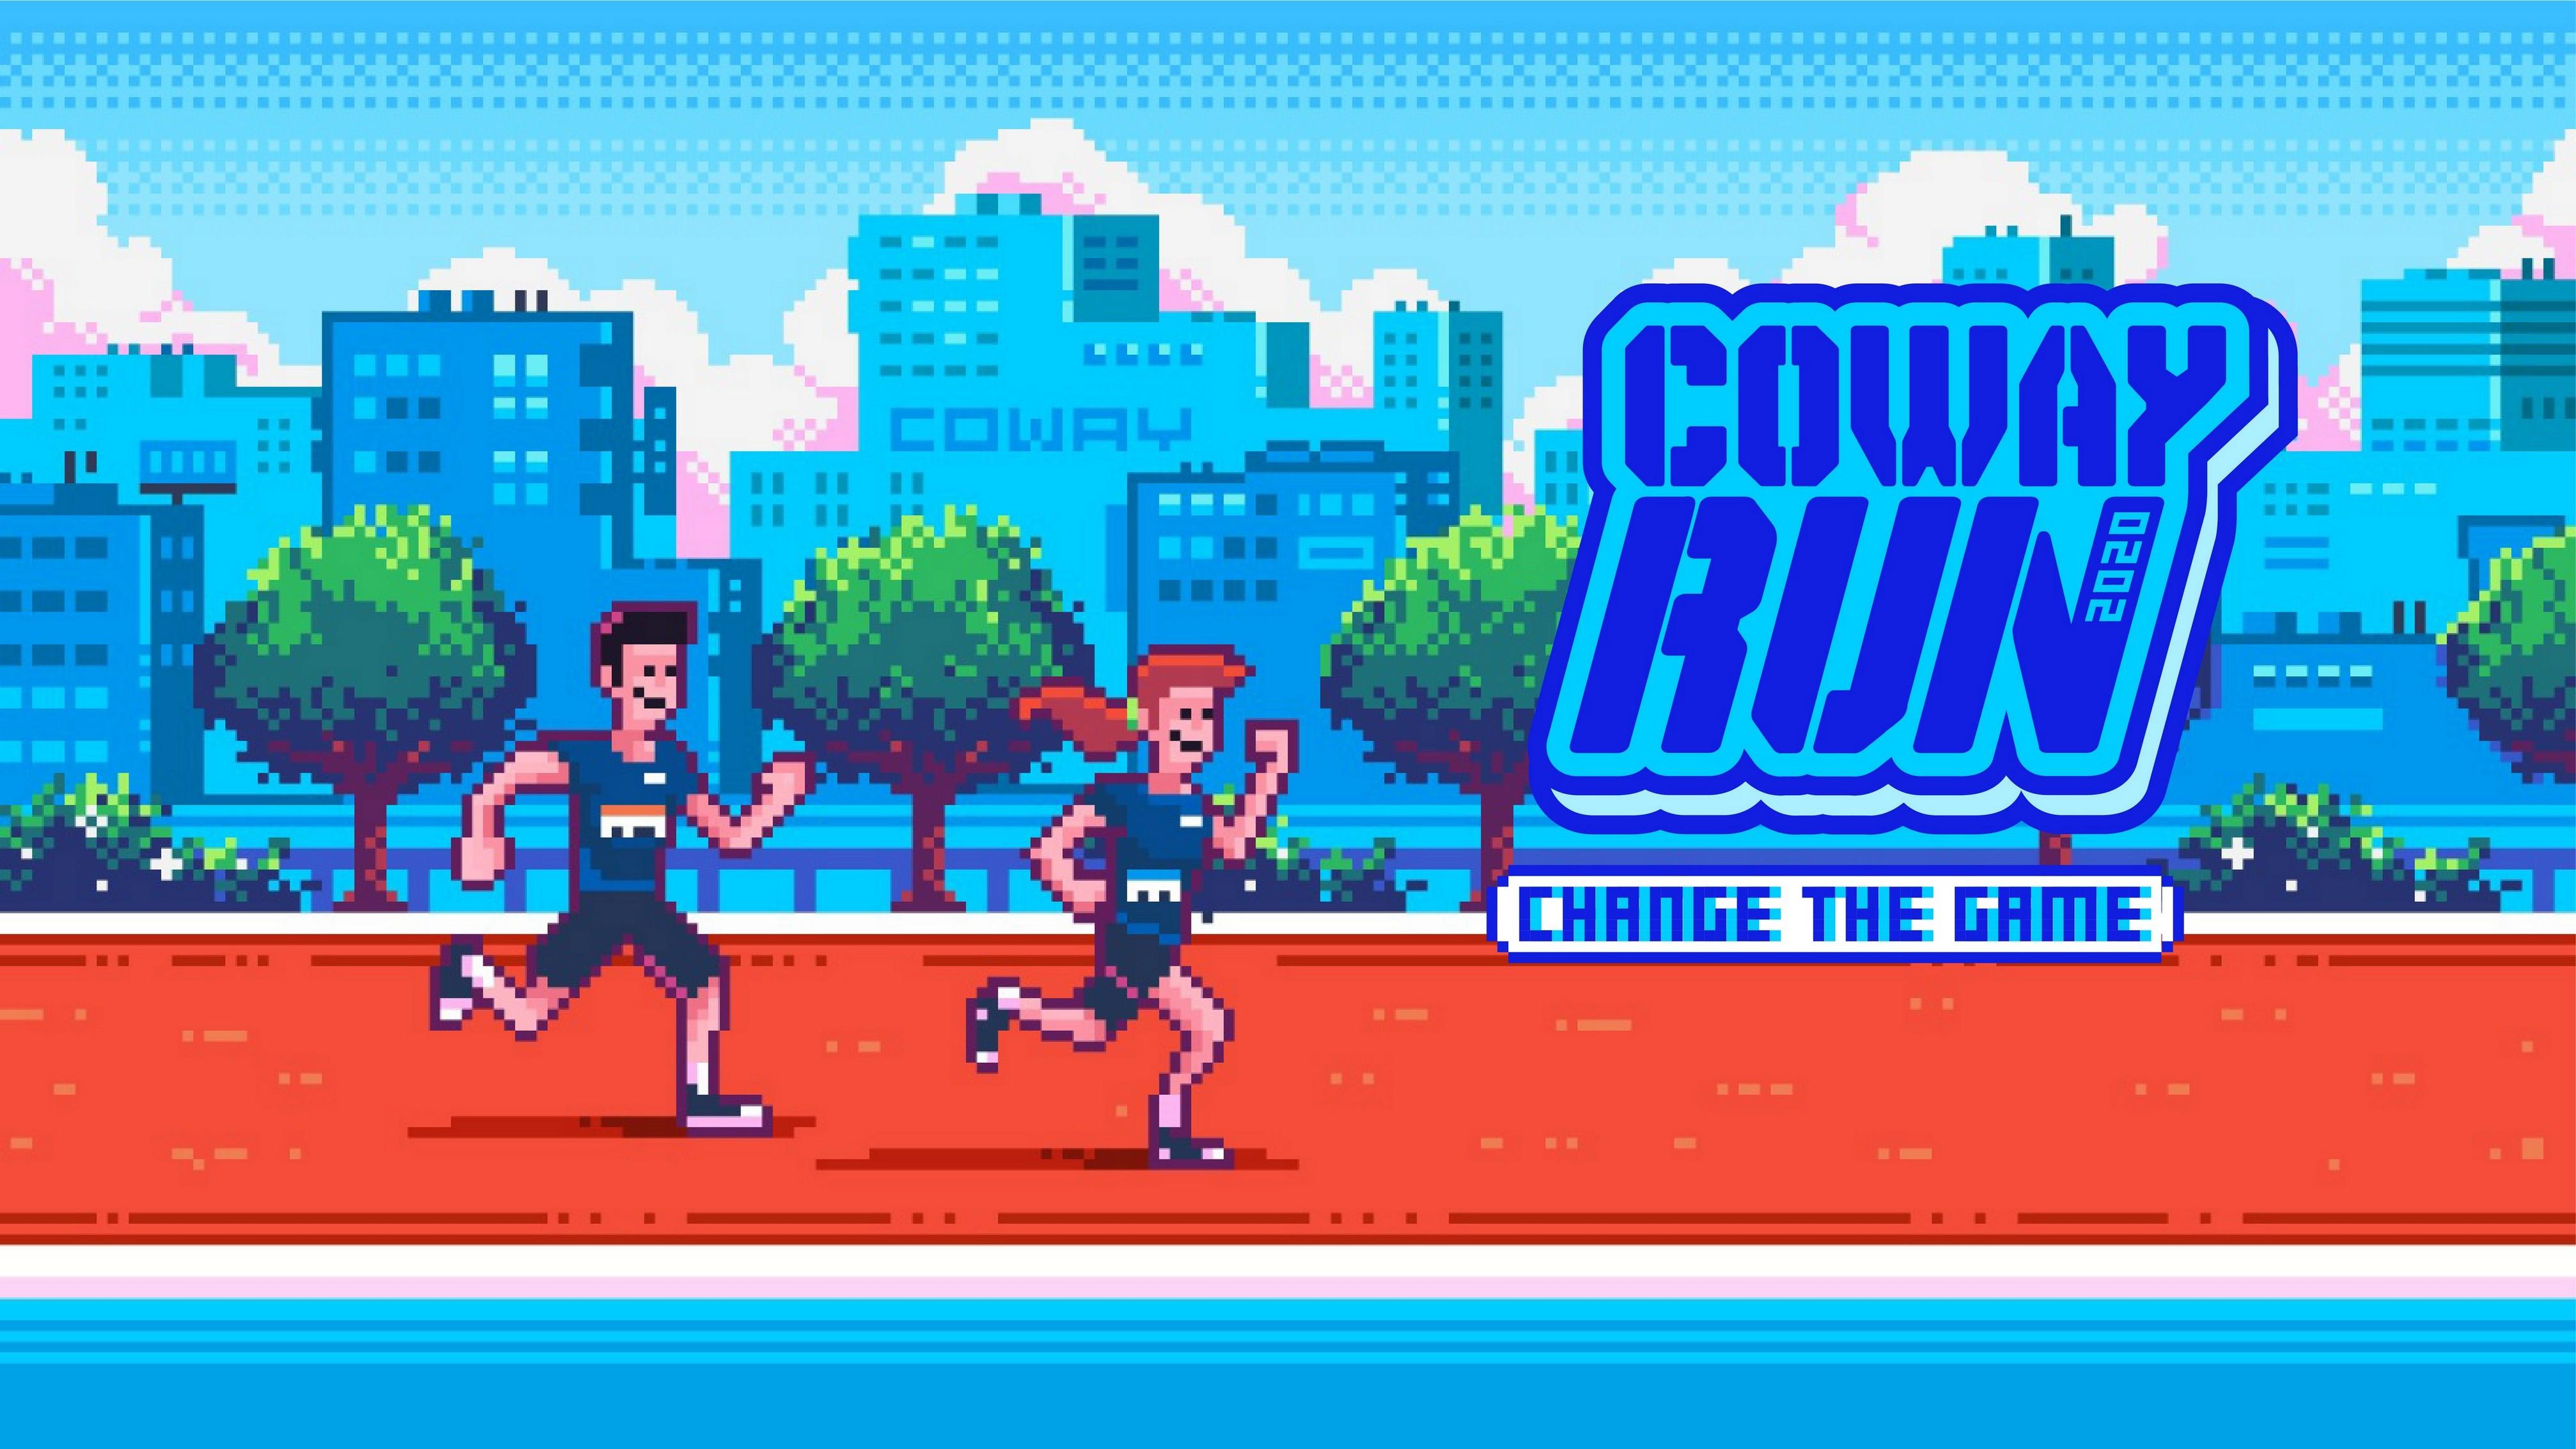 COWAY今年别开生面,举办一场虚拟竞跑活动——Coway Run 2020: Change The Game !